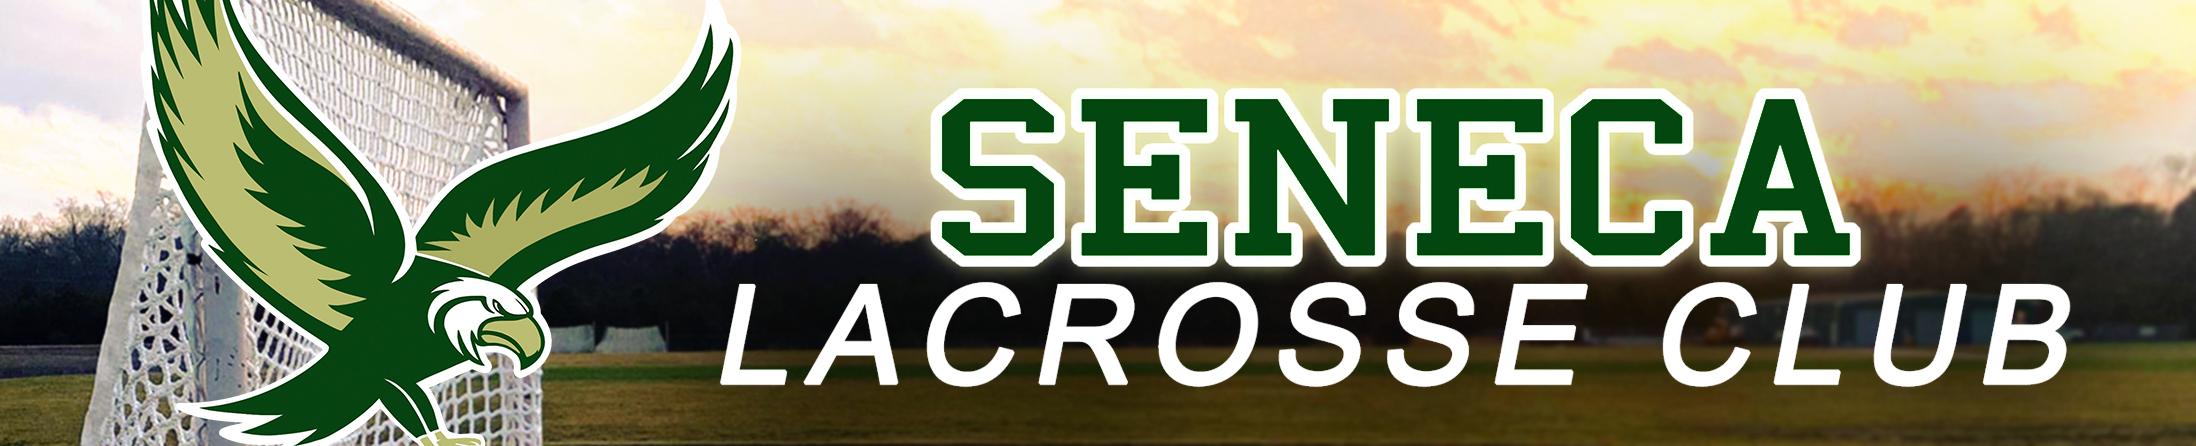 Seneca Lacrosse Club, Lacrosse, Goal, Field